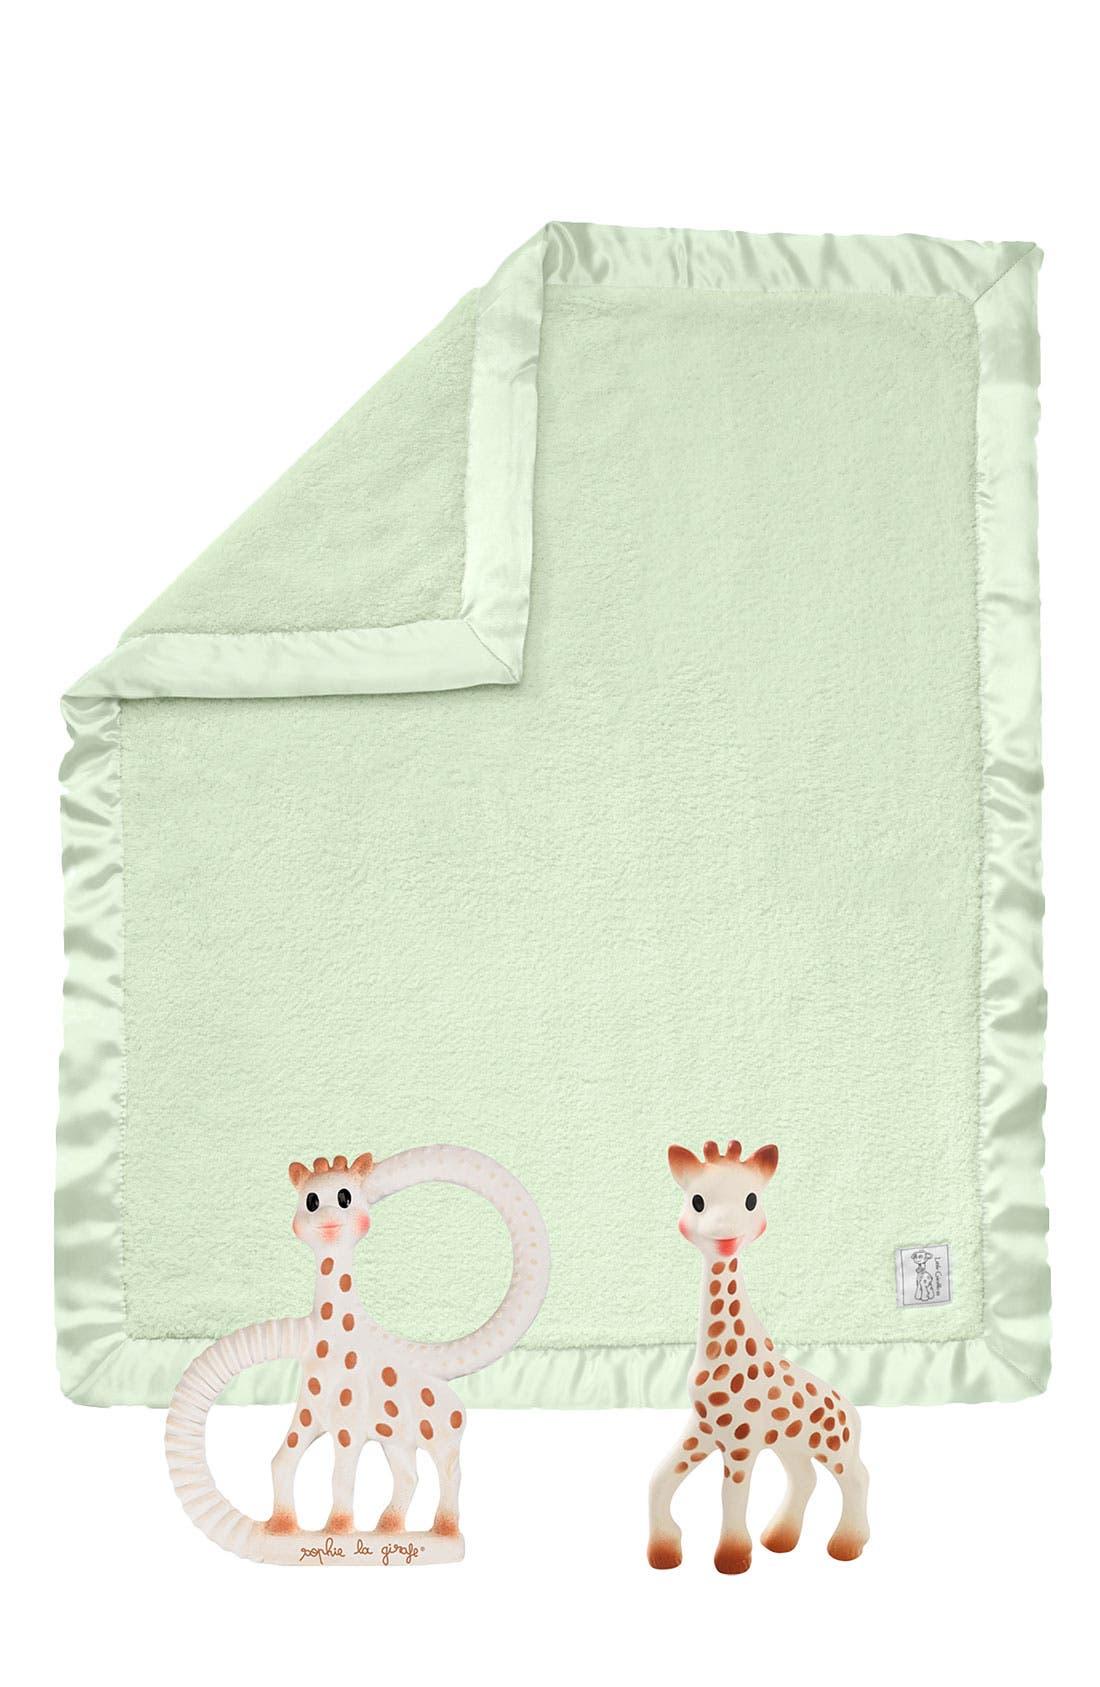 Main Image - Sophie la Girafe Teething Toy & Little Giraffe Blanket (Infant)